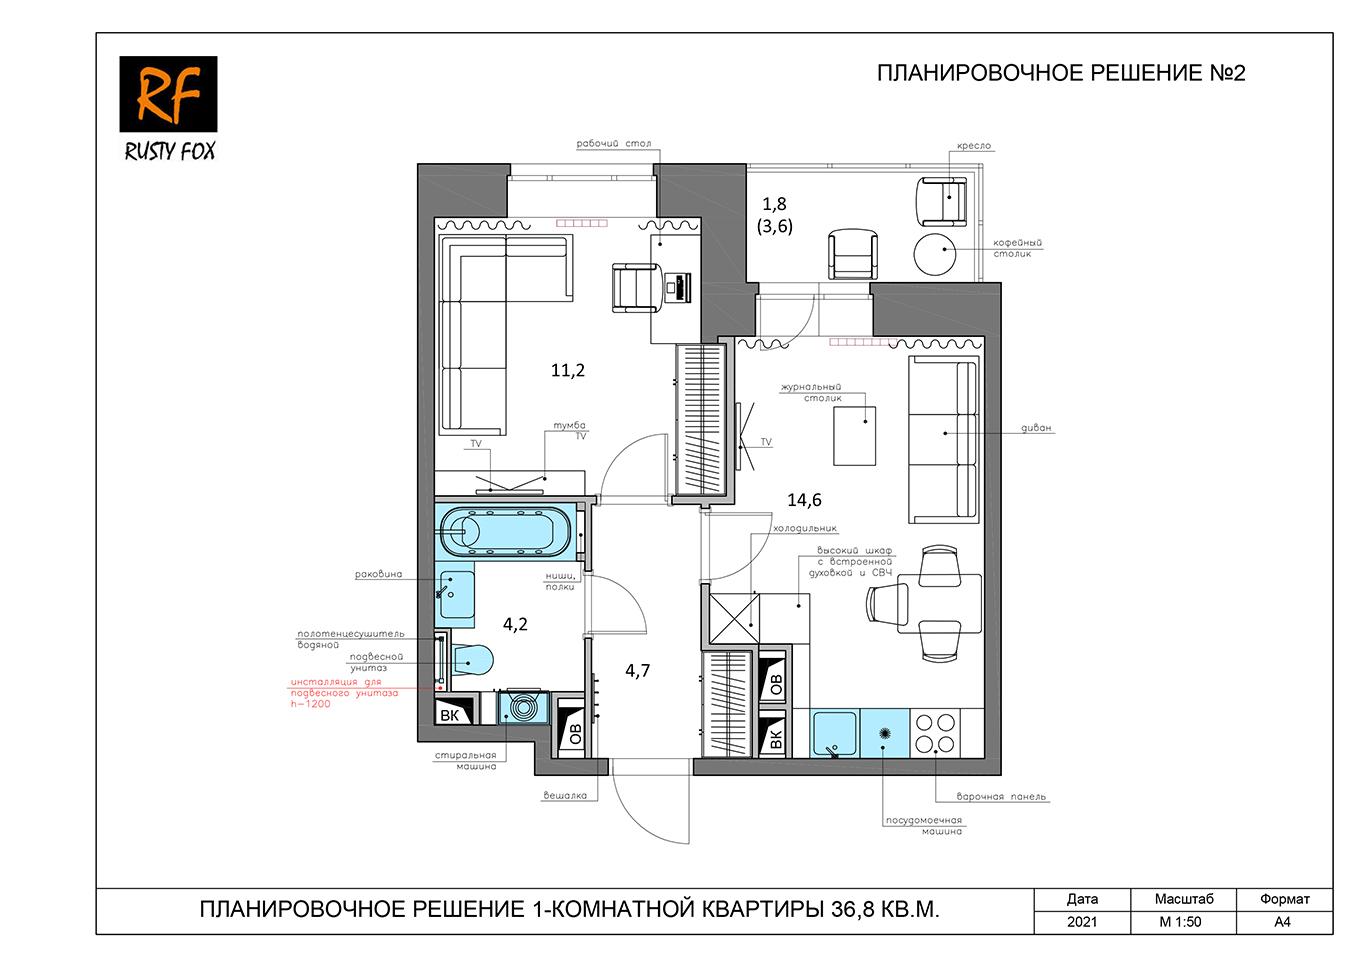 ЖК Люберцы корпус 52, секция 1. Планировочное решение №2 1-комнатная квартира левая 36,8 кв.м.